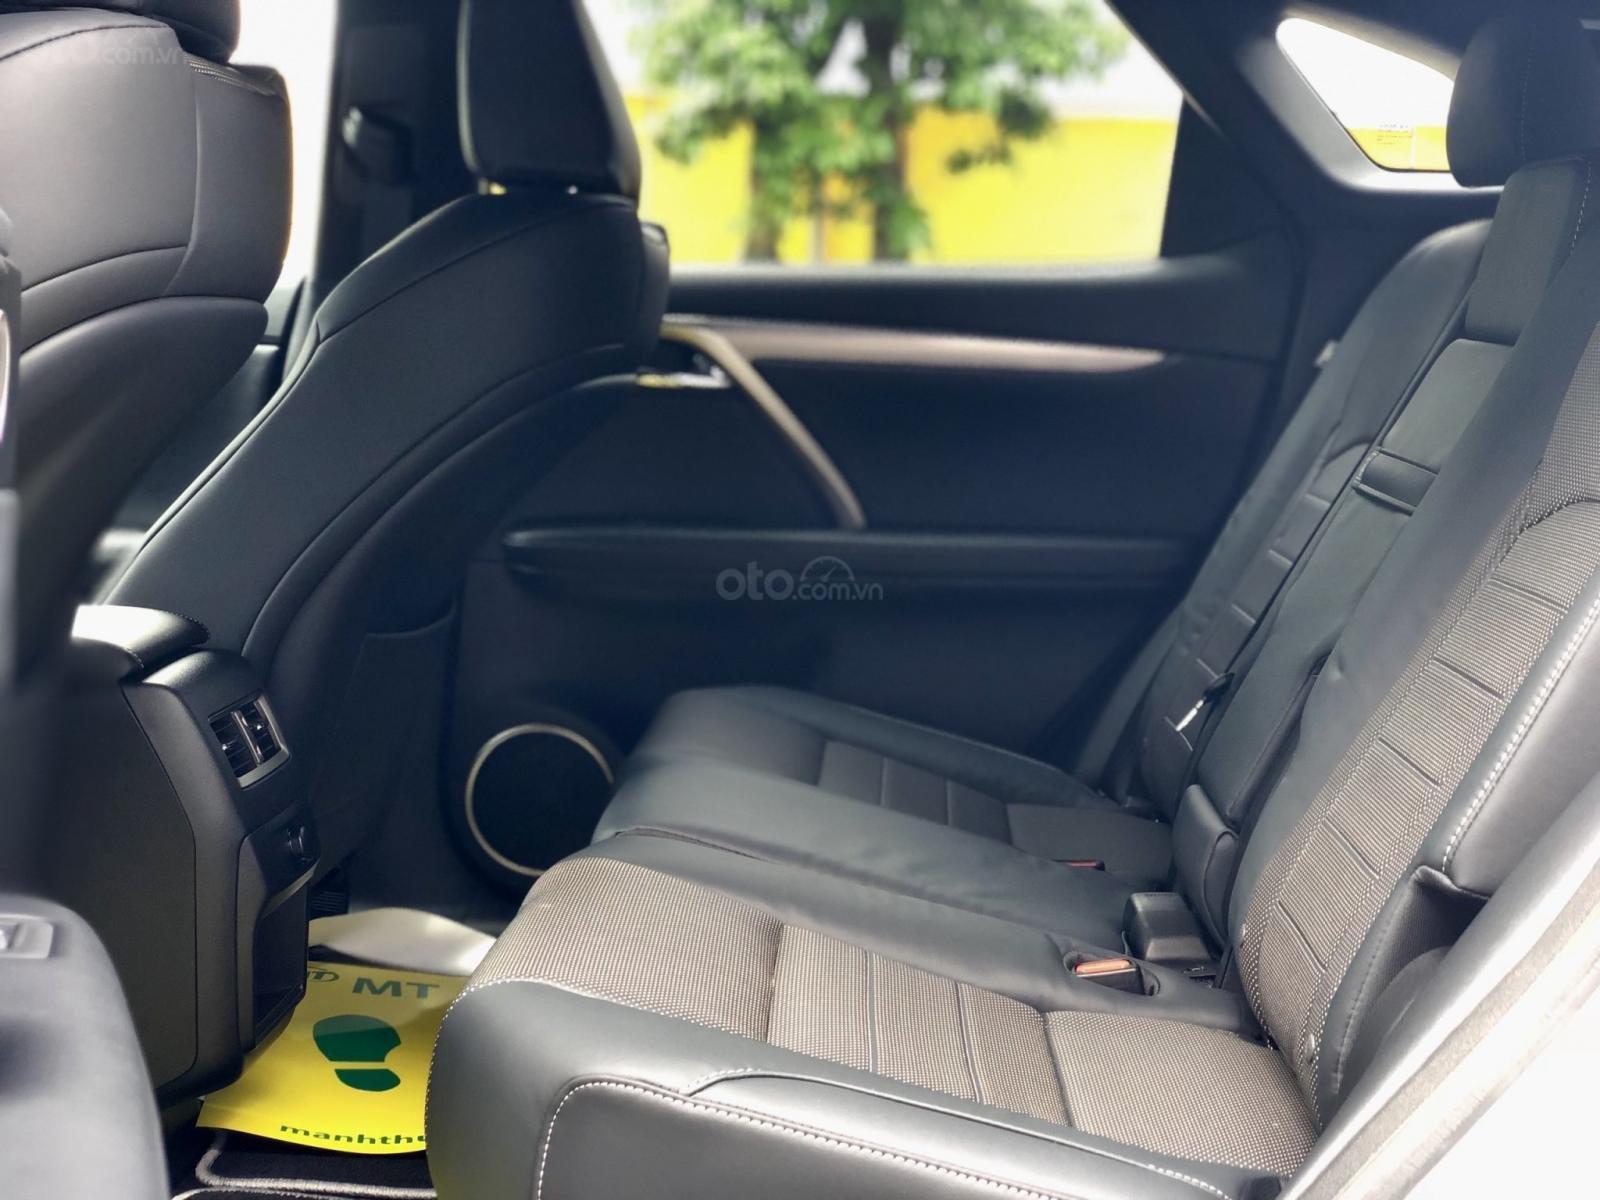 Bán Lexus RX 350 F Sport model 2020, màu trắng, nhập khẩu Mỹ, Mr Huân 0981.0101.61 (18)